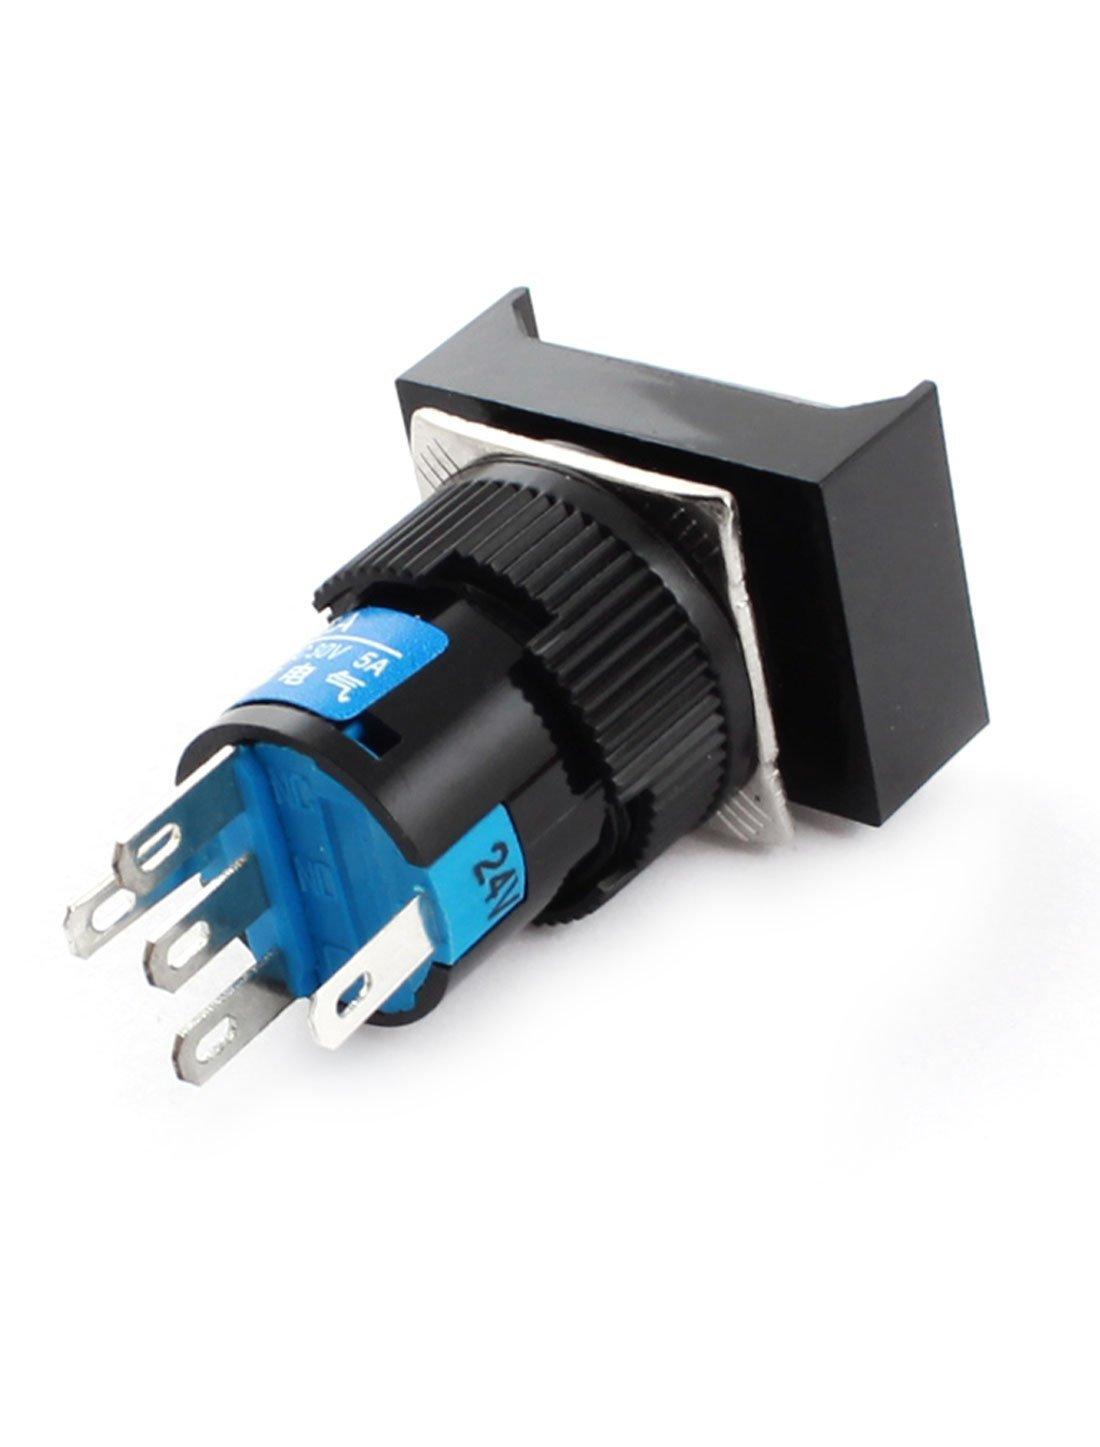 Interruptor DC 24V Lámpara piloto pulsador SPDT de bloqueo w Conectores Hembra: Amazon.es: Bricolaje y herramientas